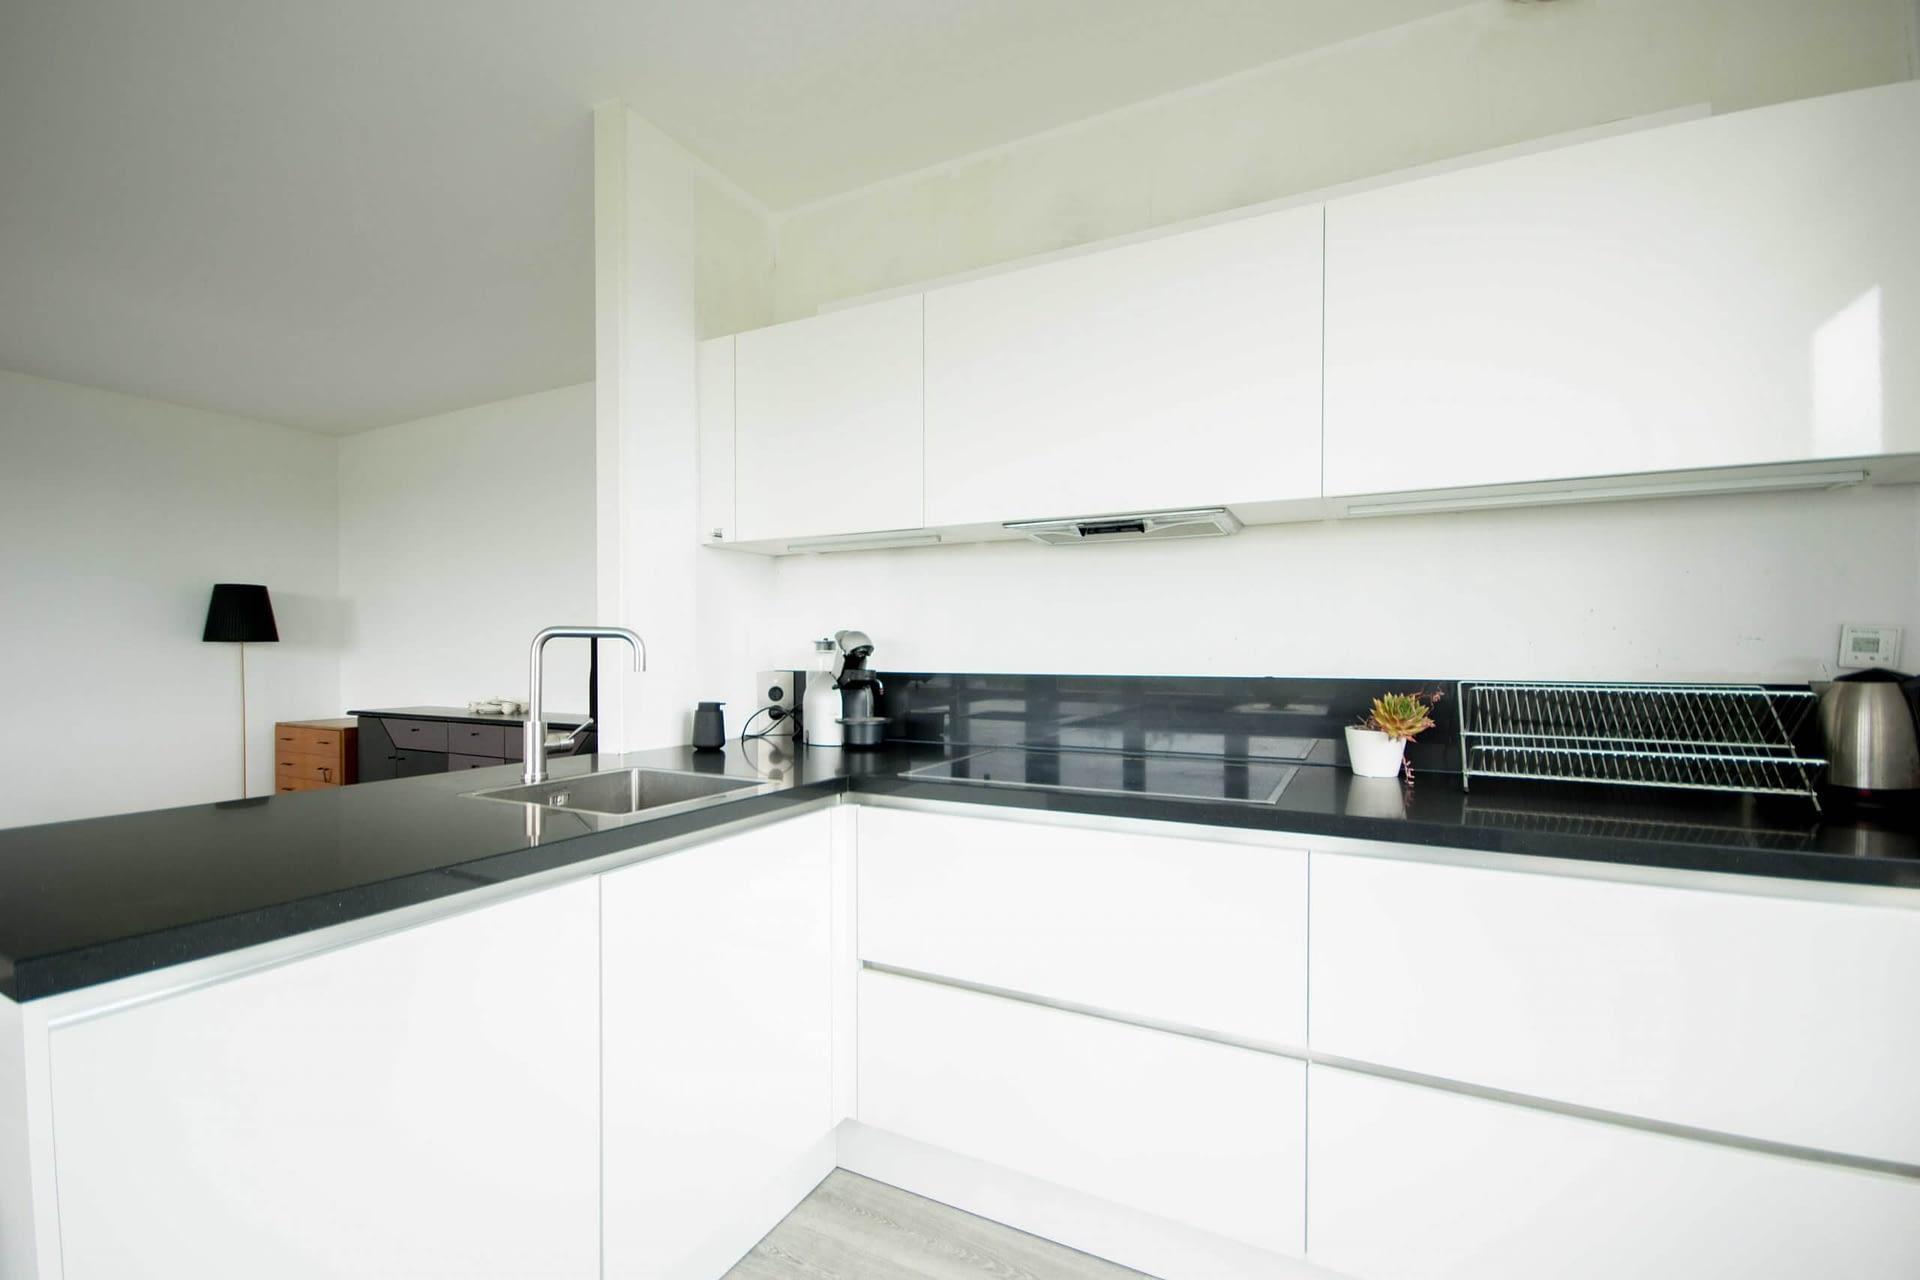 koningswaard-129-rotterdam-huizen010-makelaardij-(11)_optimized